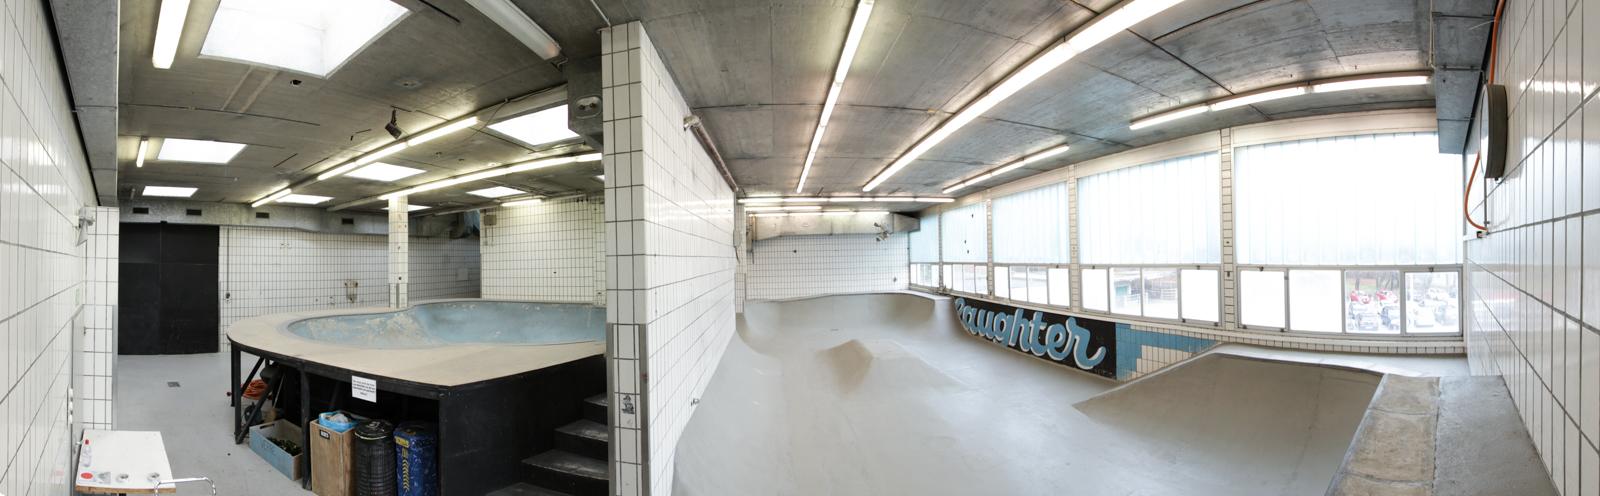 DIY Skatepark Les Abattoirs